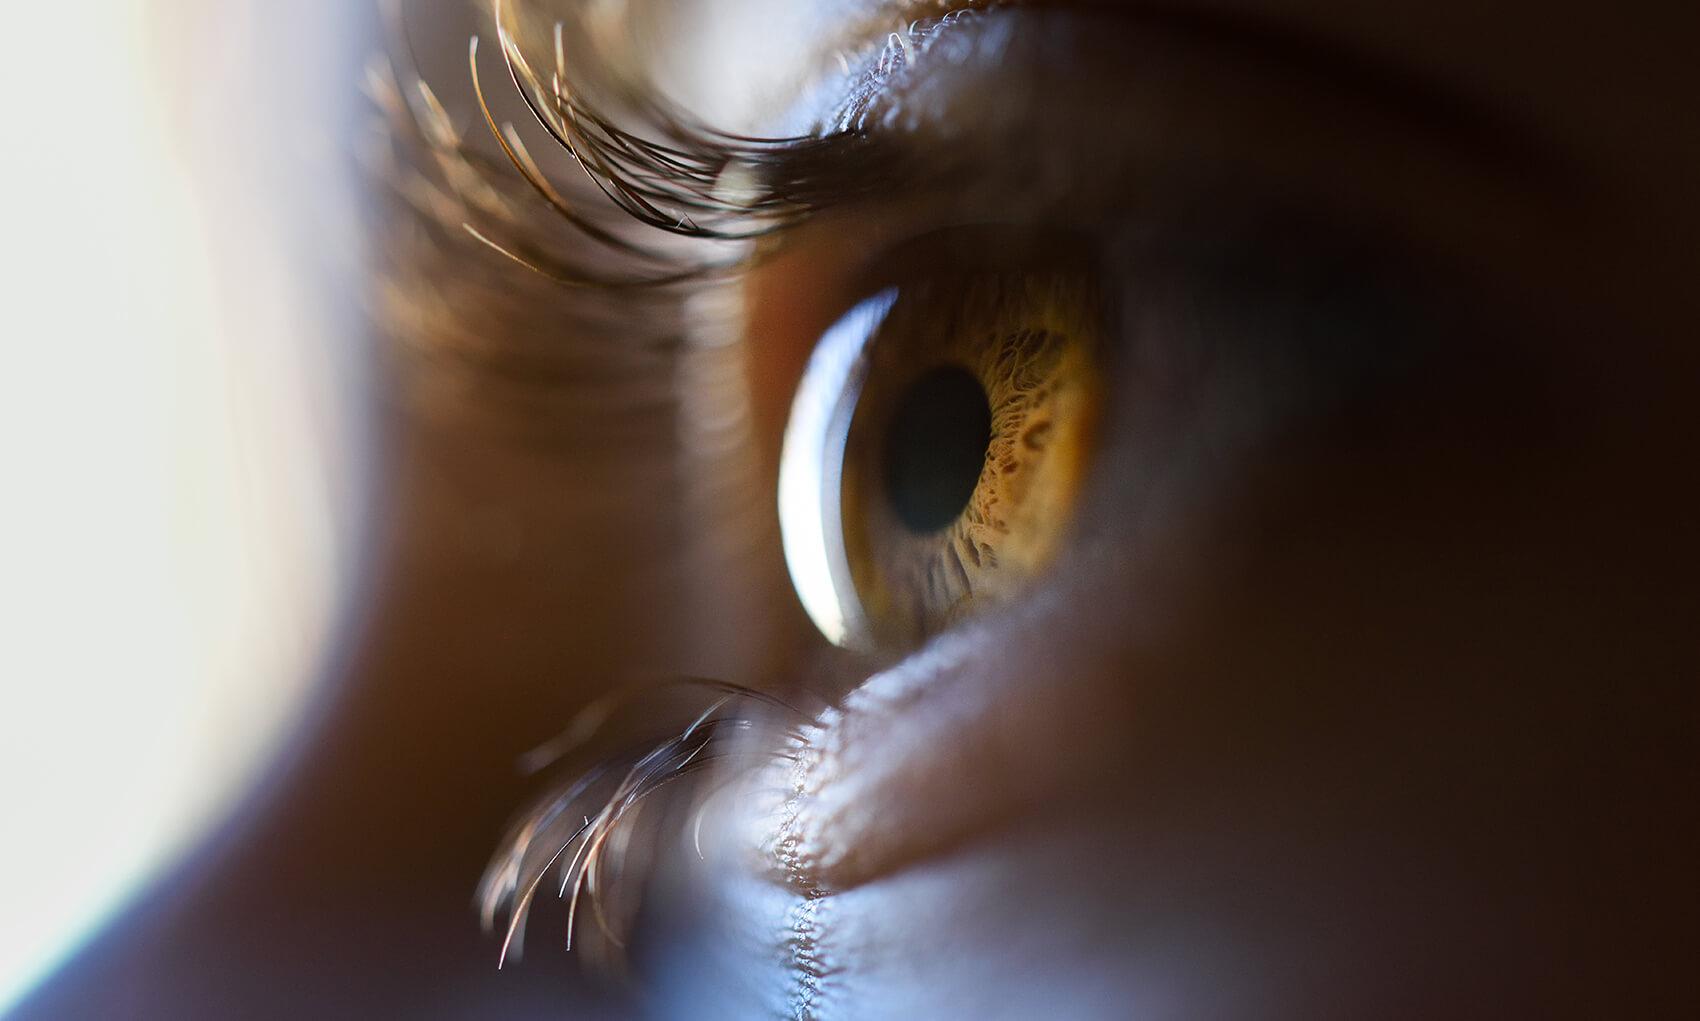 L'hypnose m'a aidé à changer ma vision.